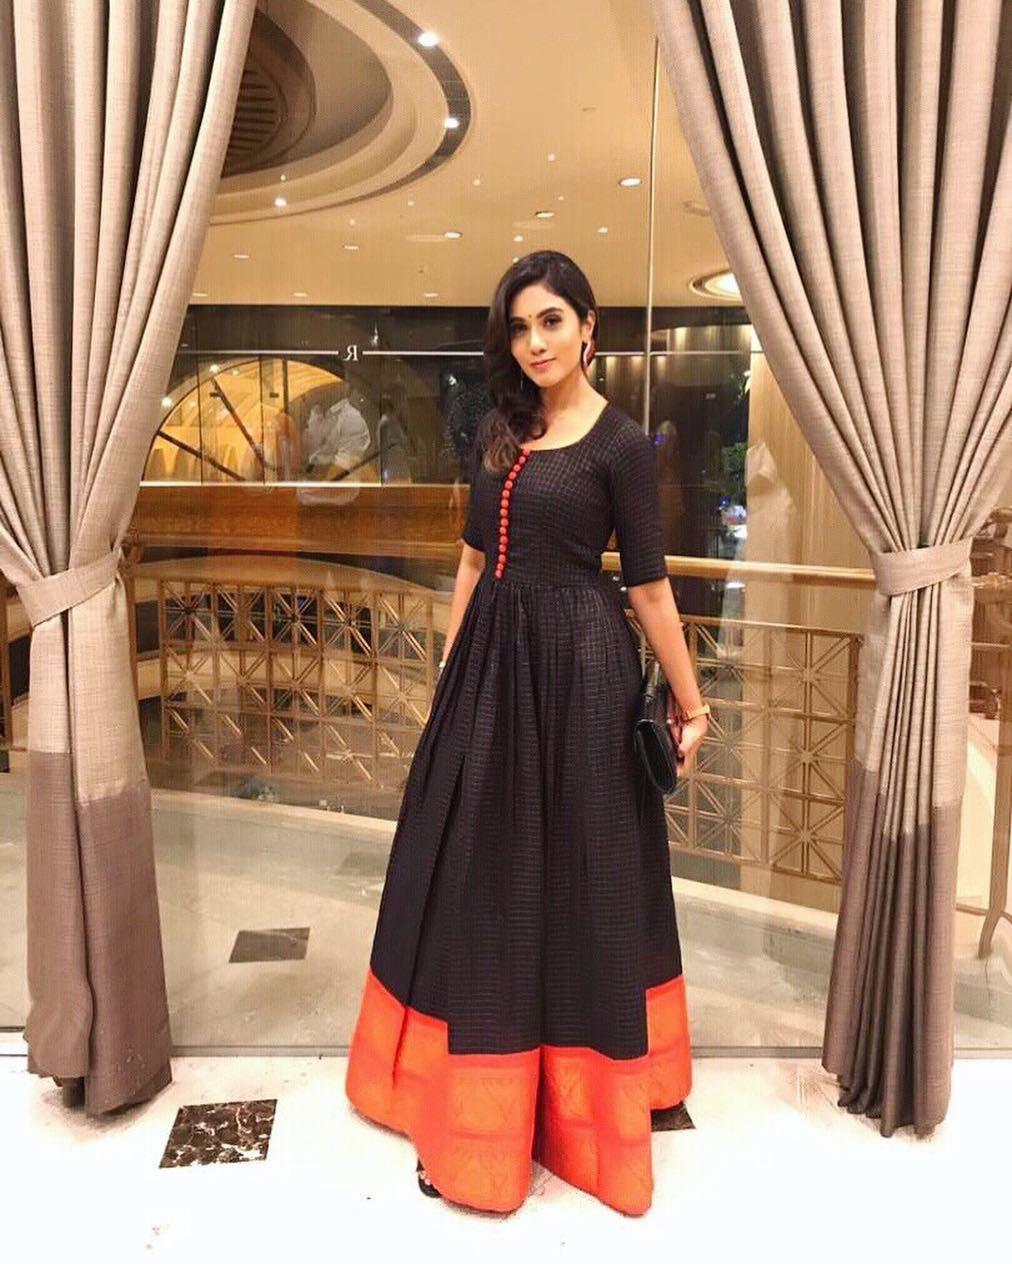 """87fa478322 JaSmin MicHaeL (JM) on Instagram: """"At RAAJA THE ONEMAN SHOW , press meet &  gala dinner ... wearing a beautiful MADURAI KATTAM saree indowestern dress  design ..."""